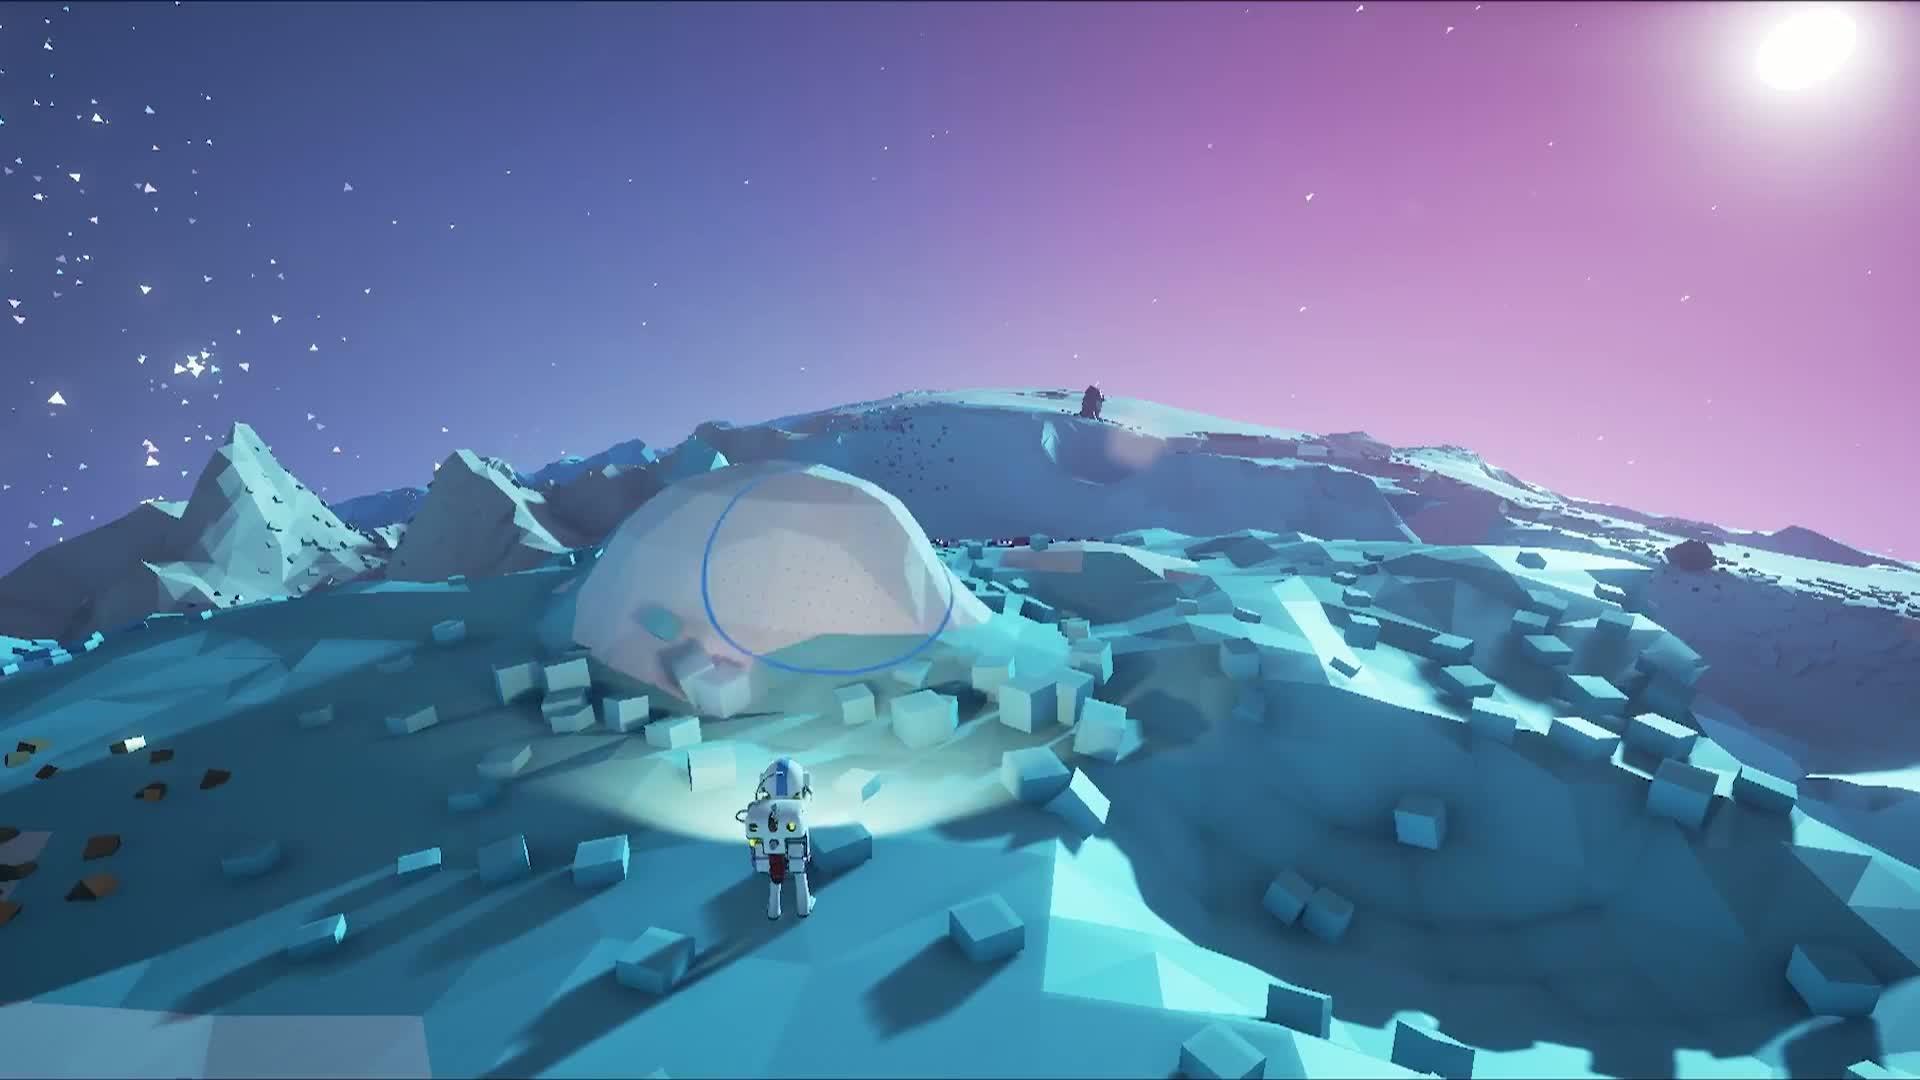 astroneer screenshot wallpaper 69474